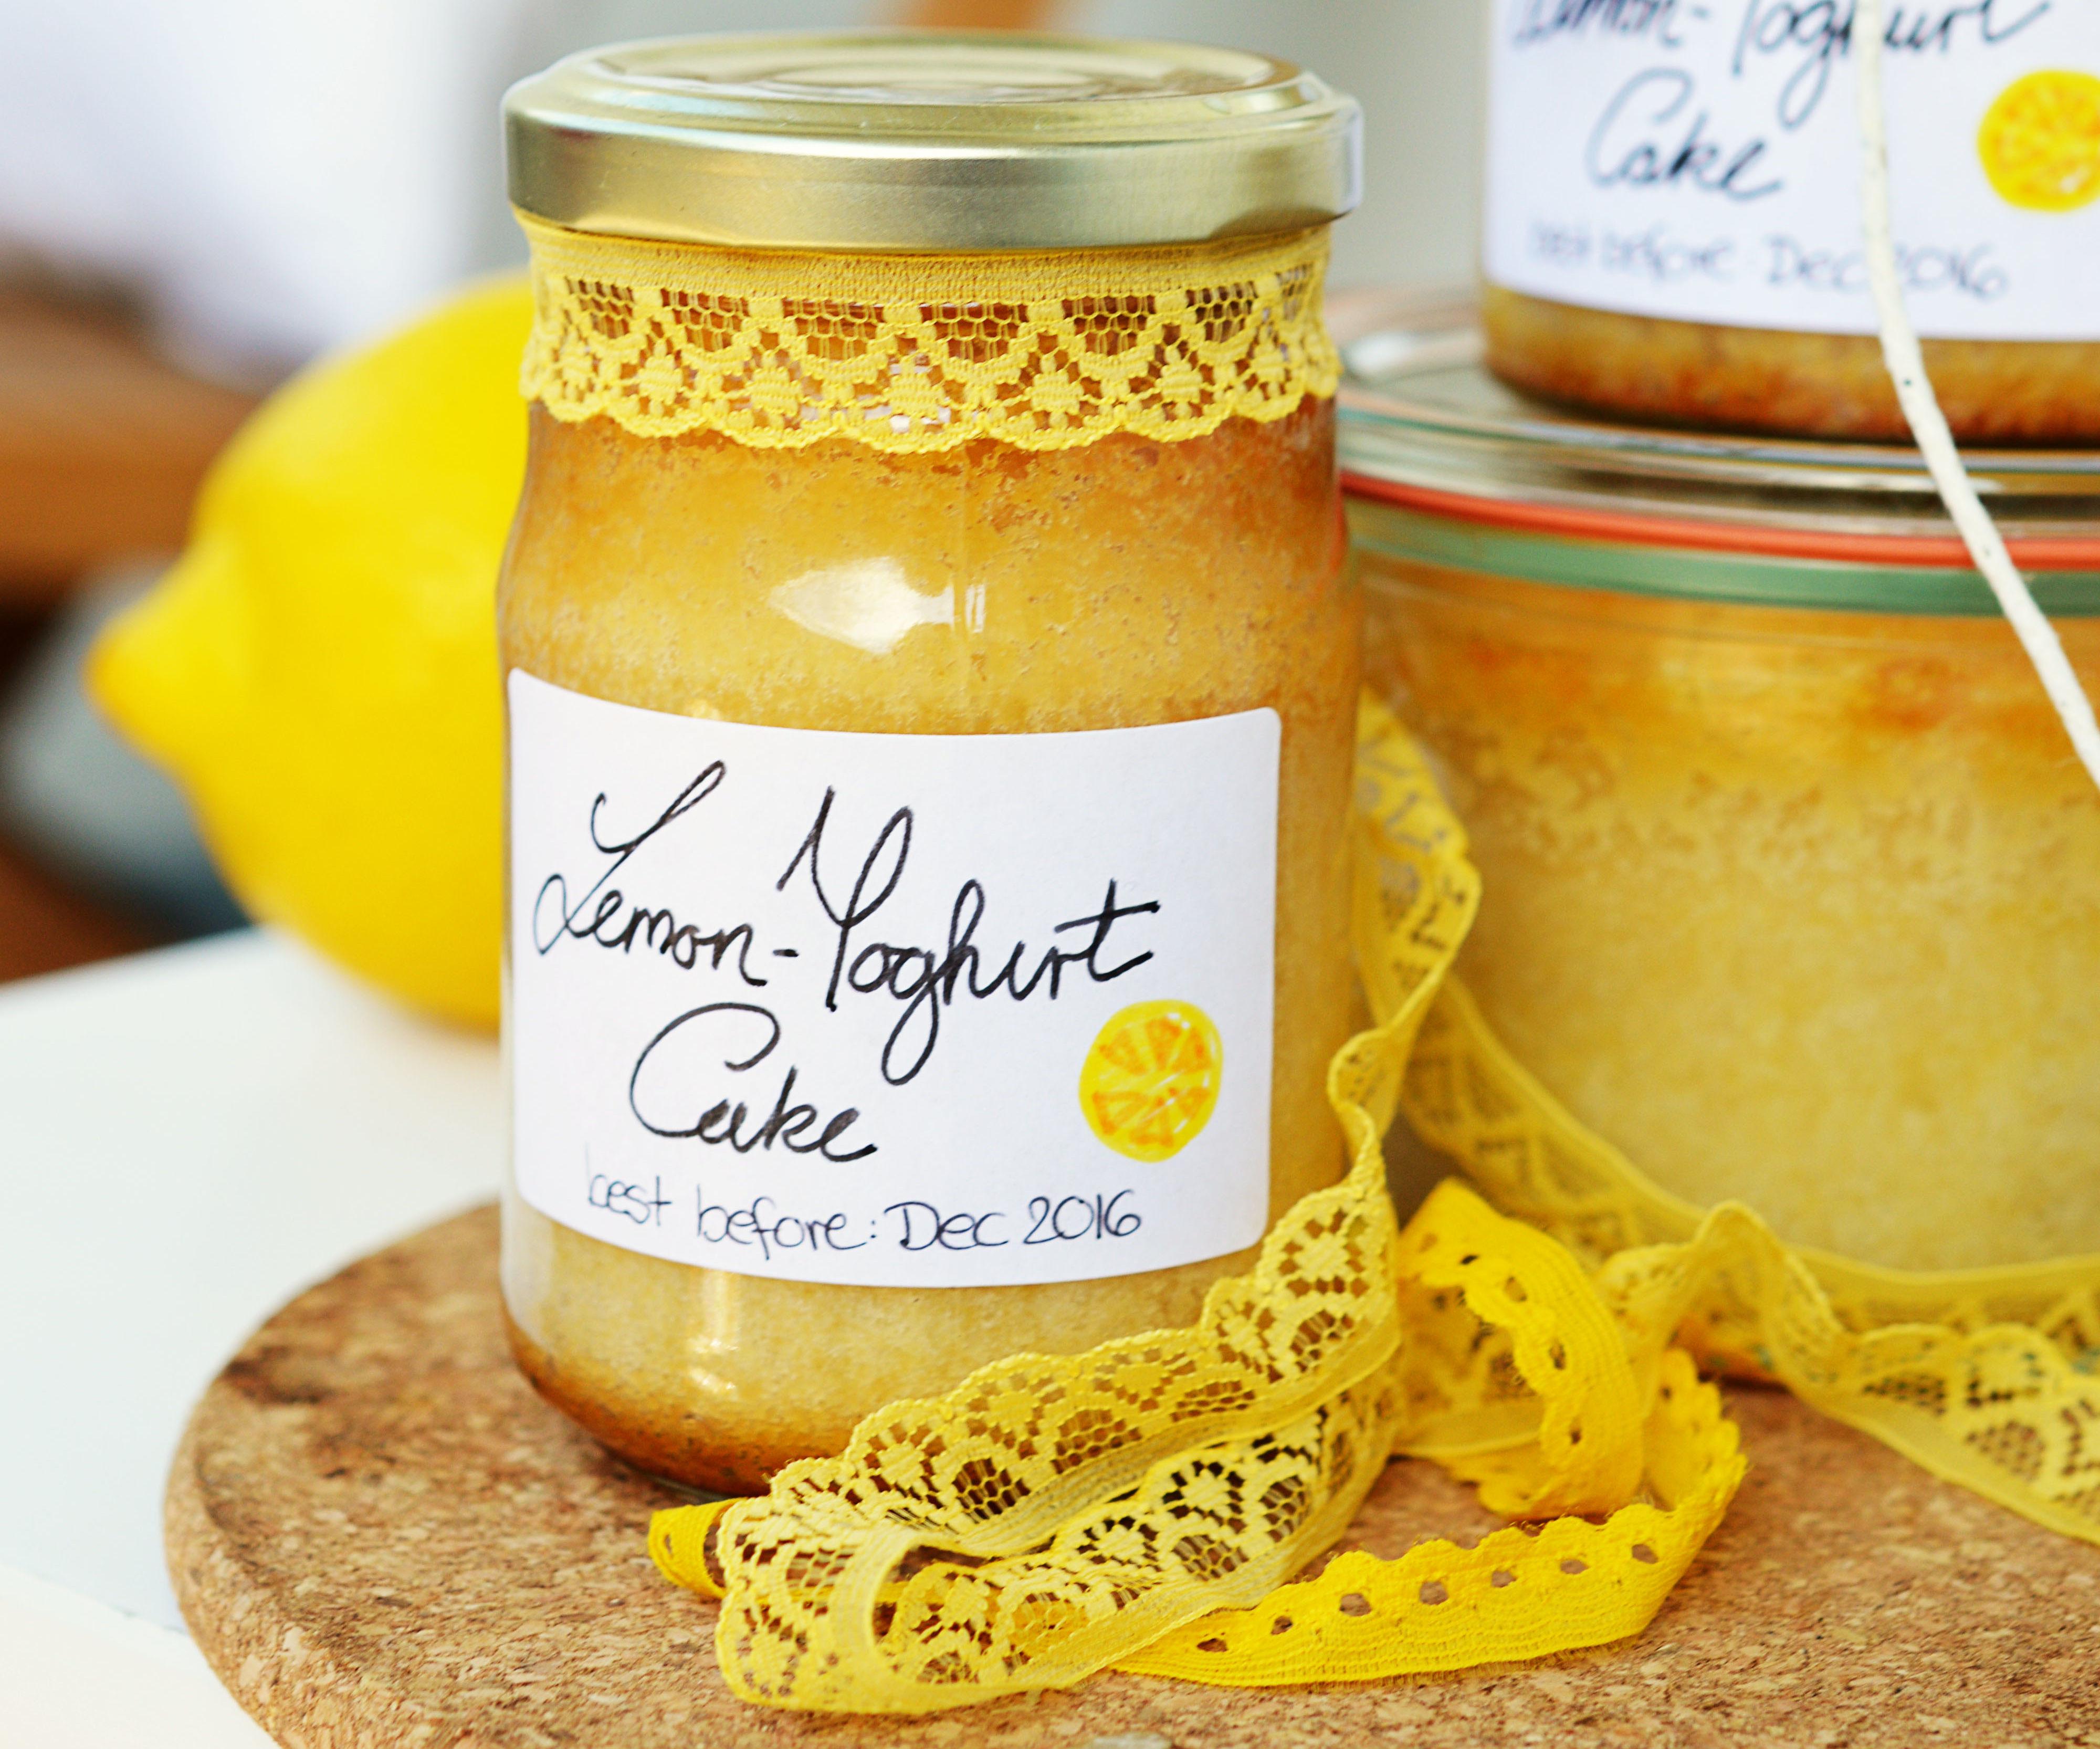 Lemon-Yoghurt Cake in a Jar